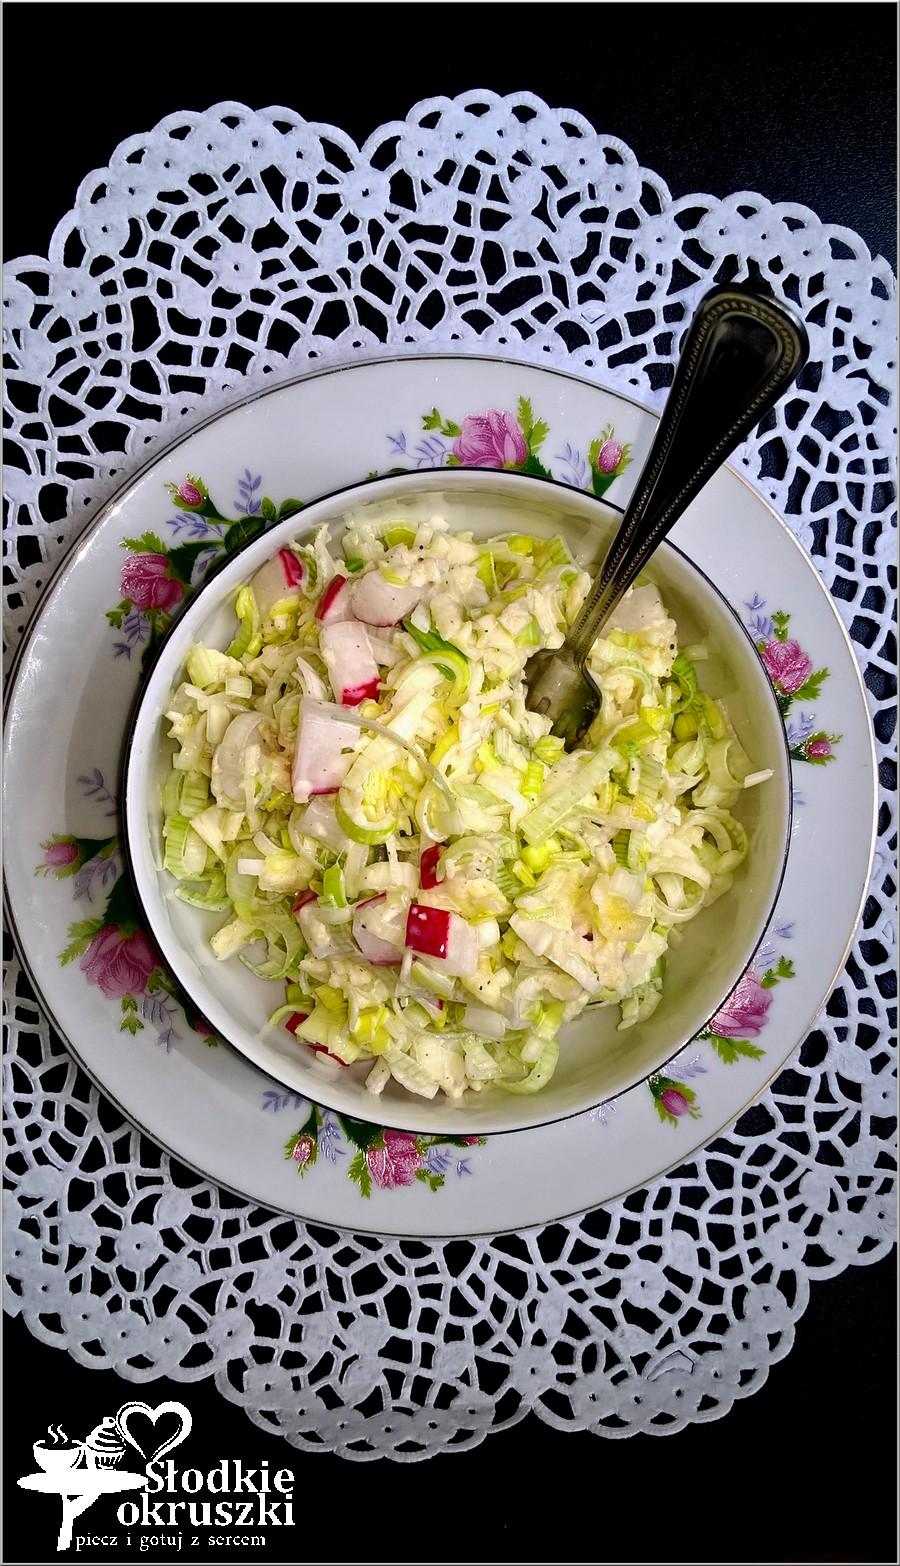 Szybka sałatka z pora w sosie czosnkowym (1)